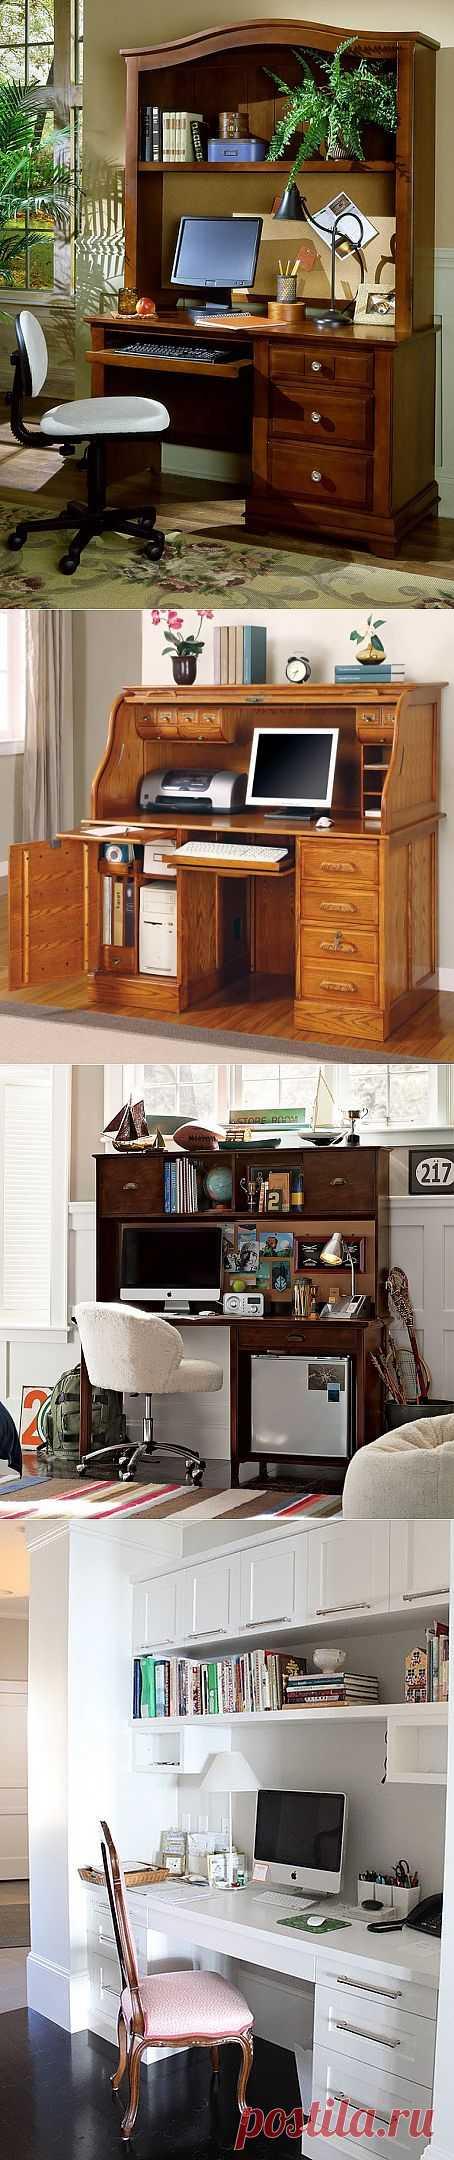 Компьютерный уголок в интерьере дома.